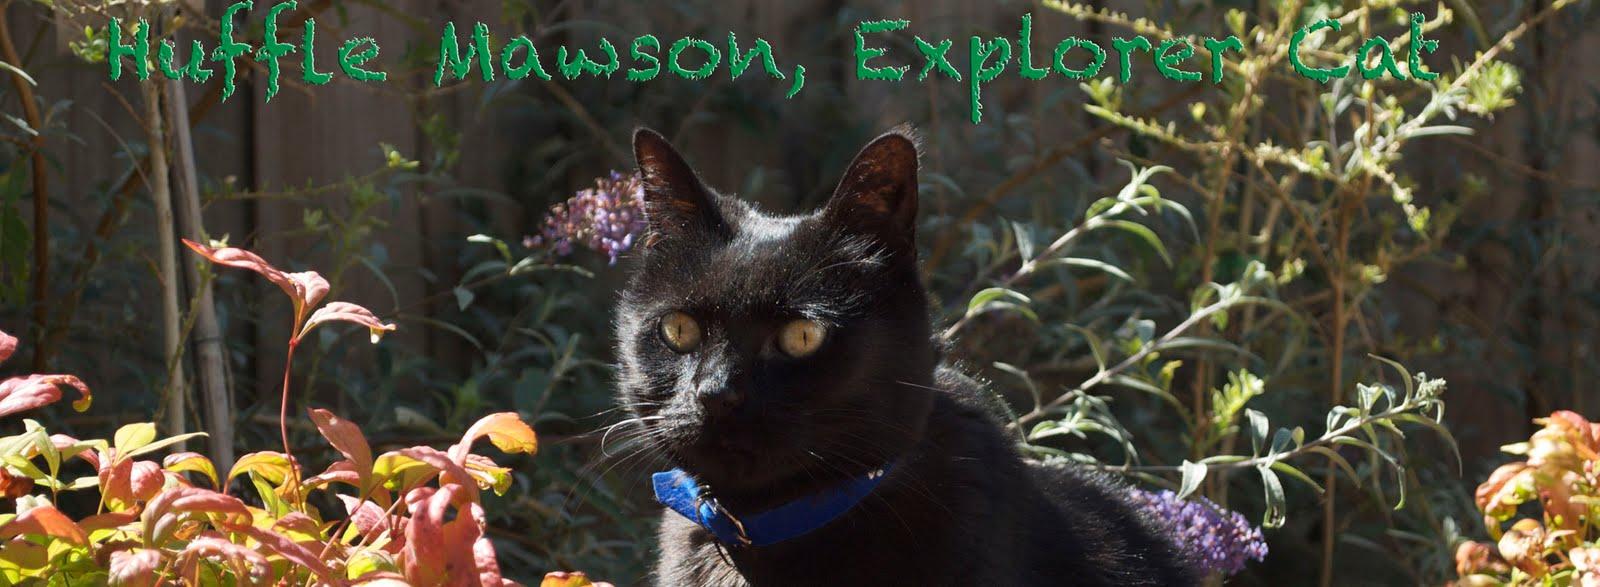 Huffle Mawson, Explorer Cat